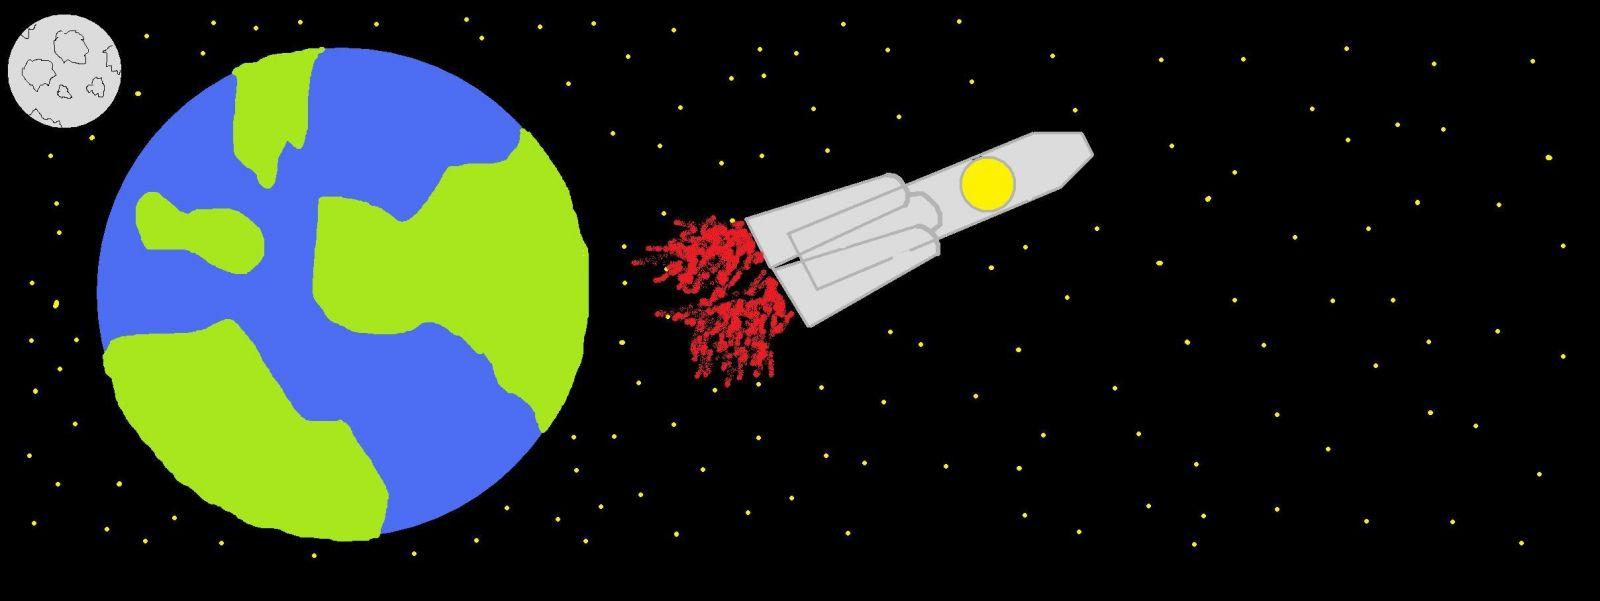 В открытом космосе шапошник илья 13